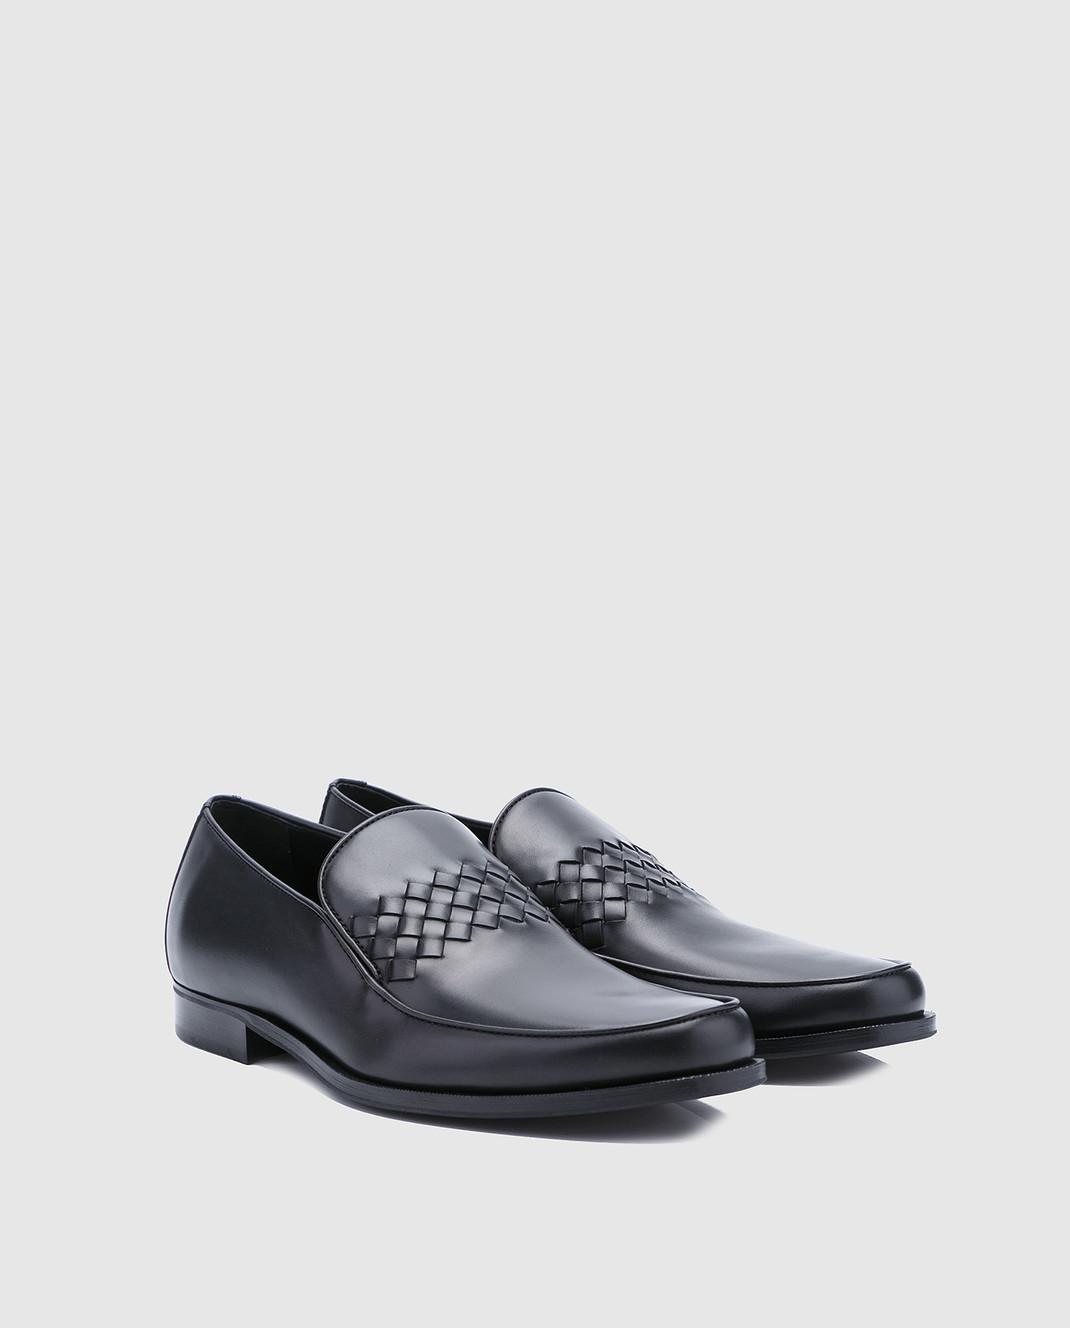 Bottega Veneta Черные кожаные лоферы 496894 изображение 2